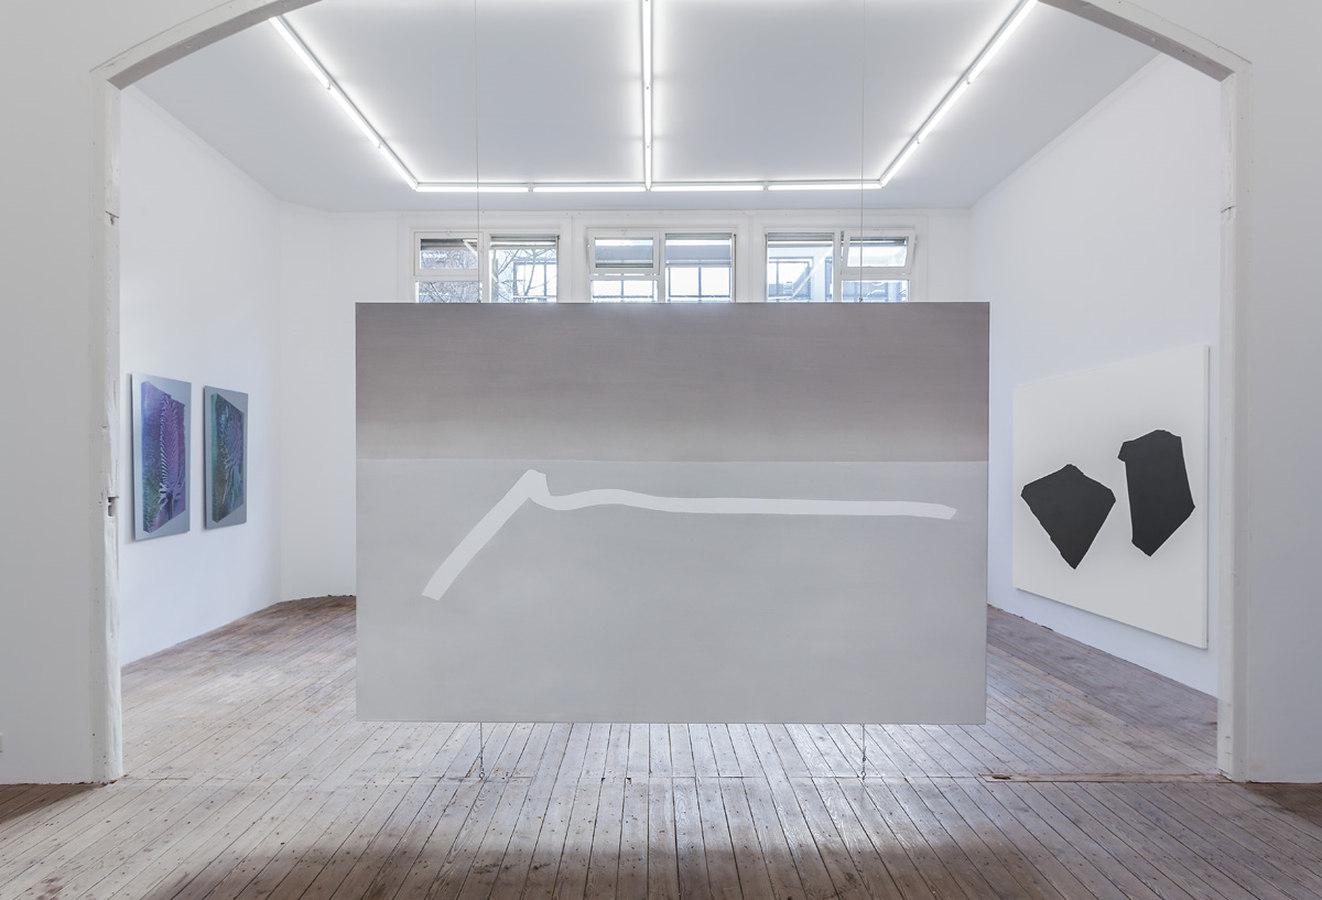 Installation view; Spiros Hadjidjanos, Sara Ludy, Priscilla Tea; Galerie Gabriel Rolt